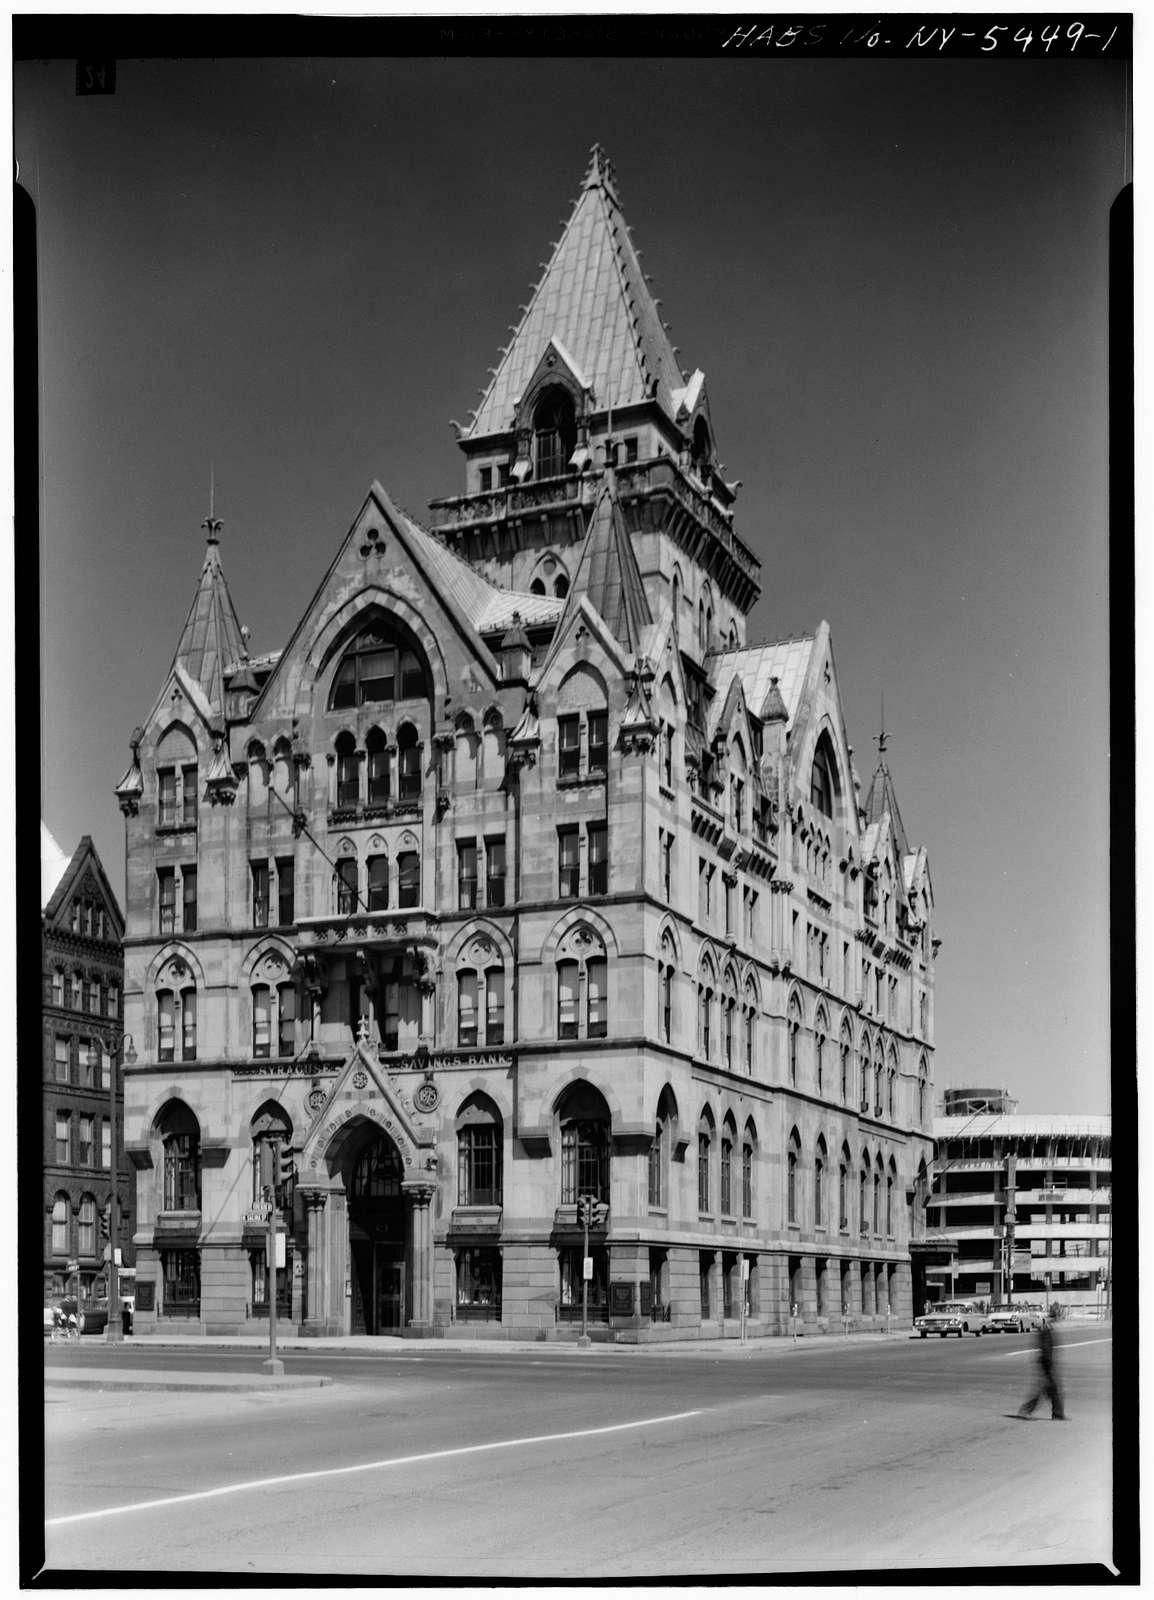 Syracuse Savings Bank, 102 North Salina Street, Syracuse, Onondaga County, NY